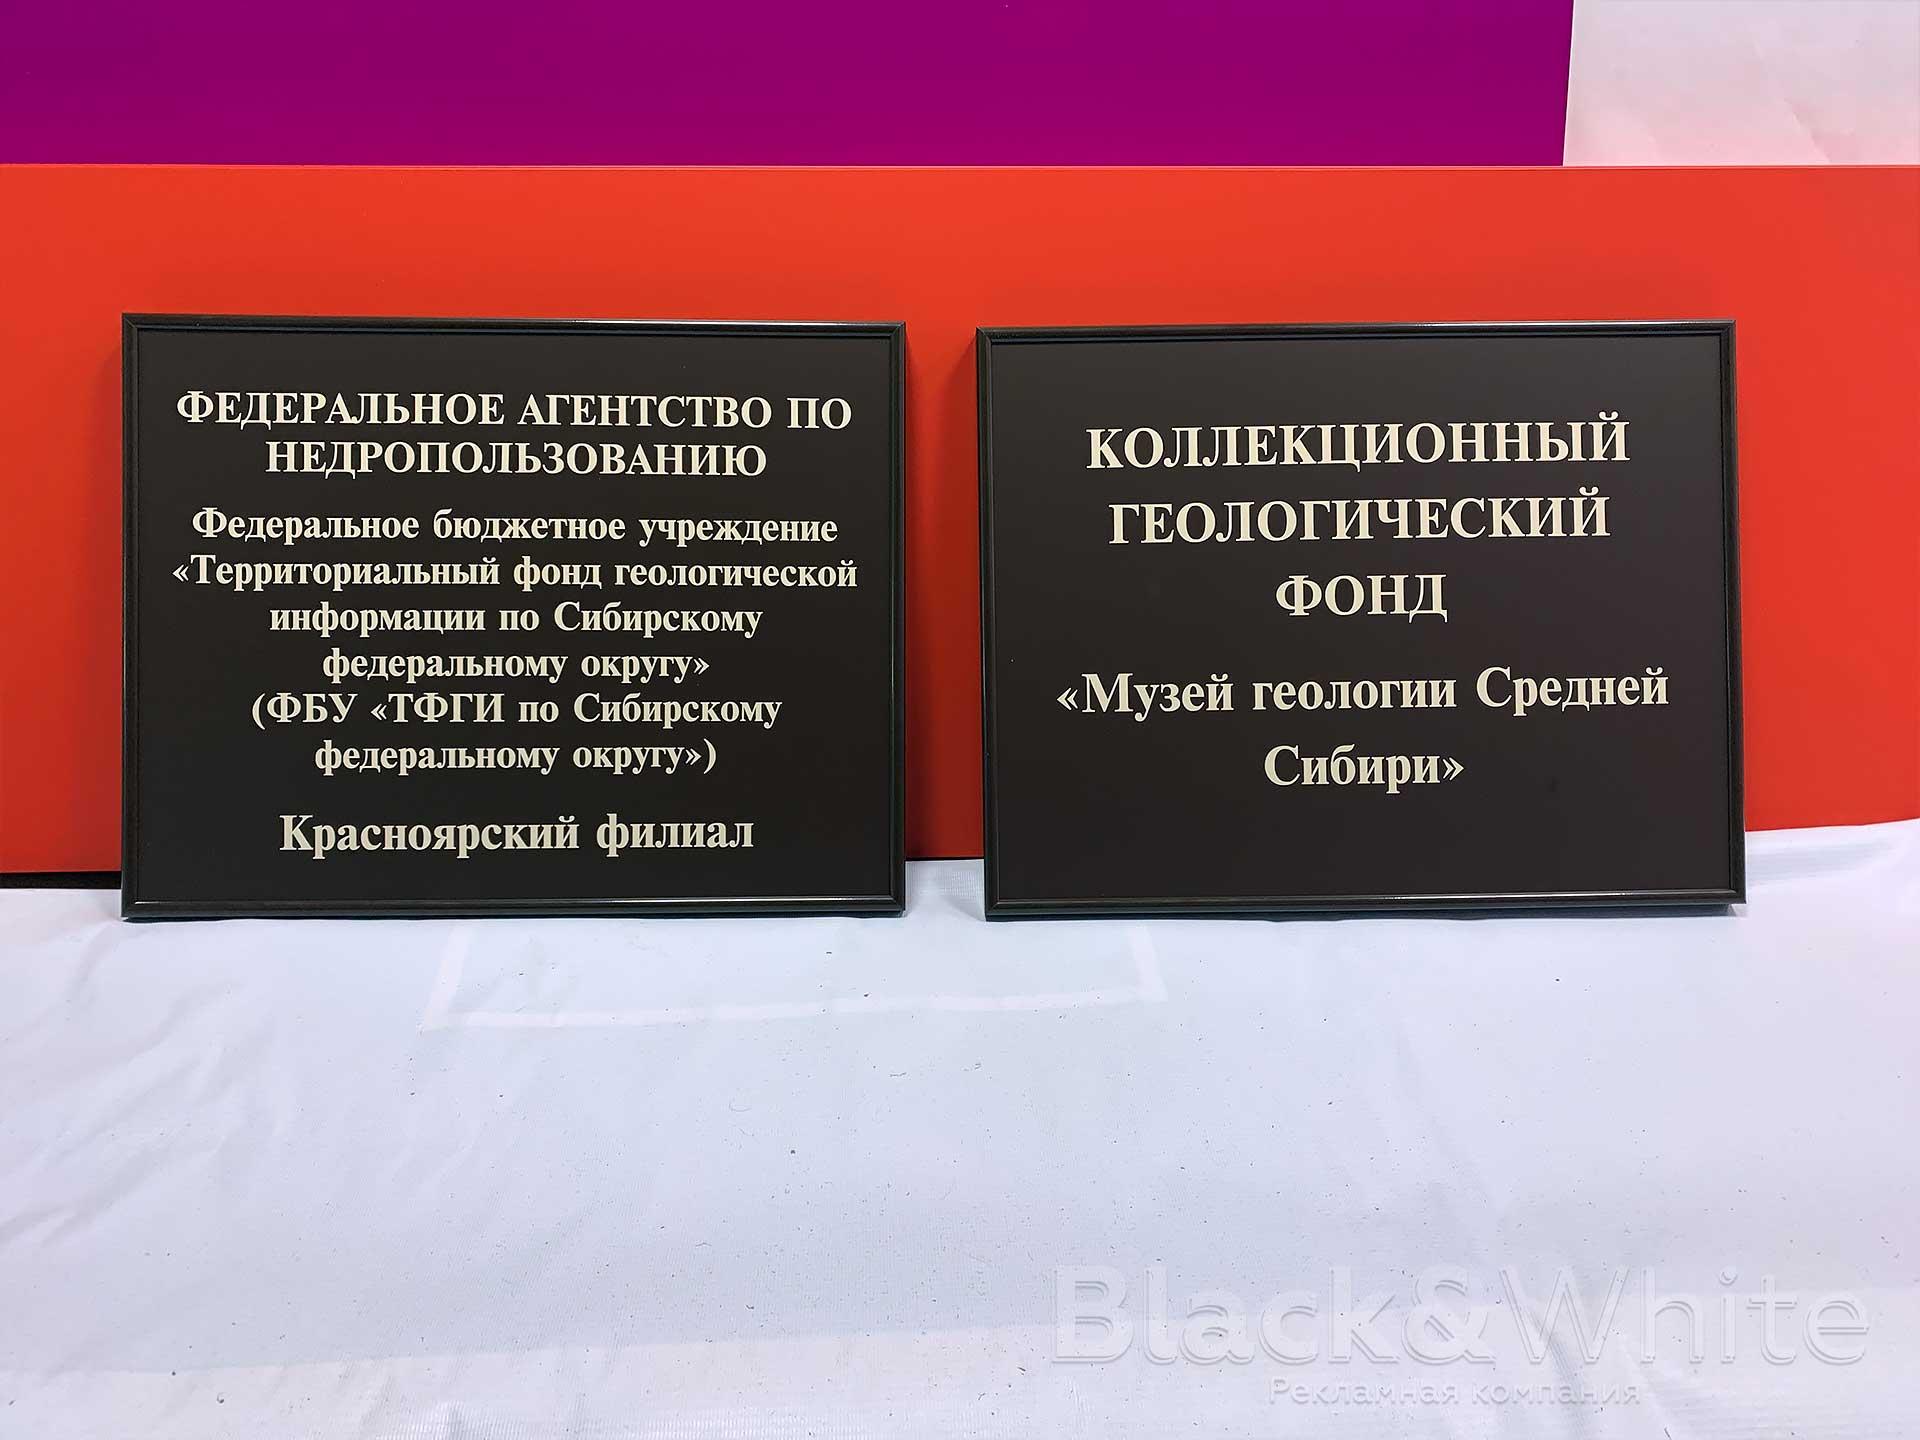 Фасадная-табличка-для-музея-изготовление-фасадных-табличек-в-красноярске-bw...jpg